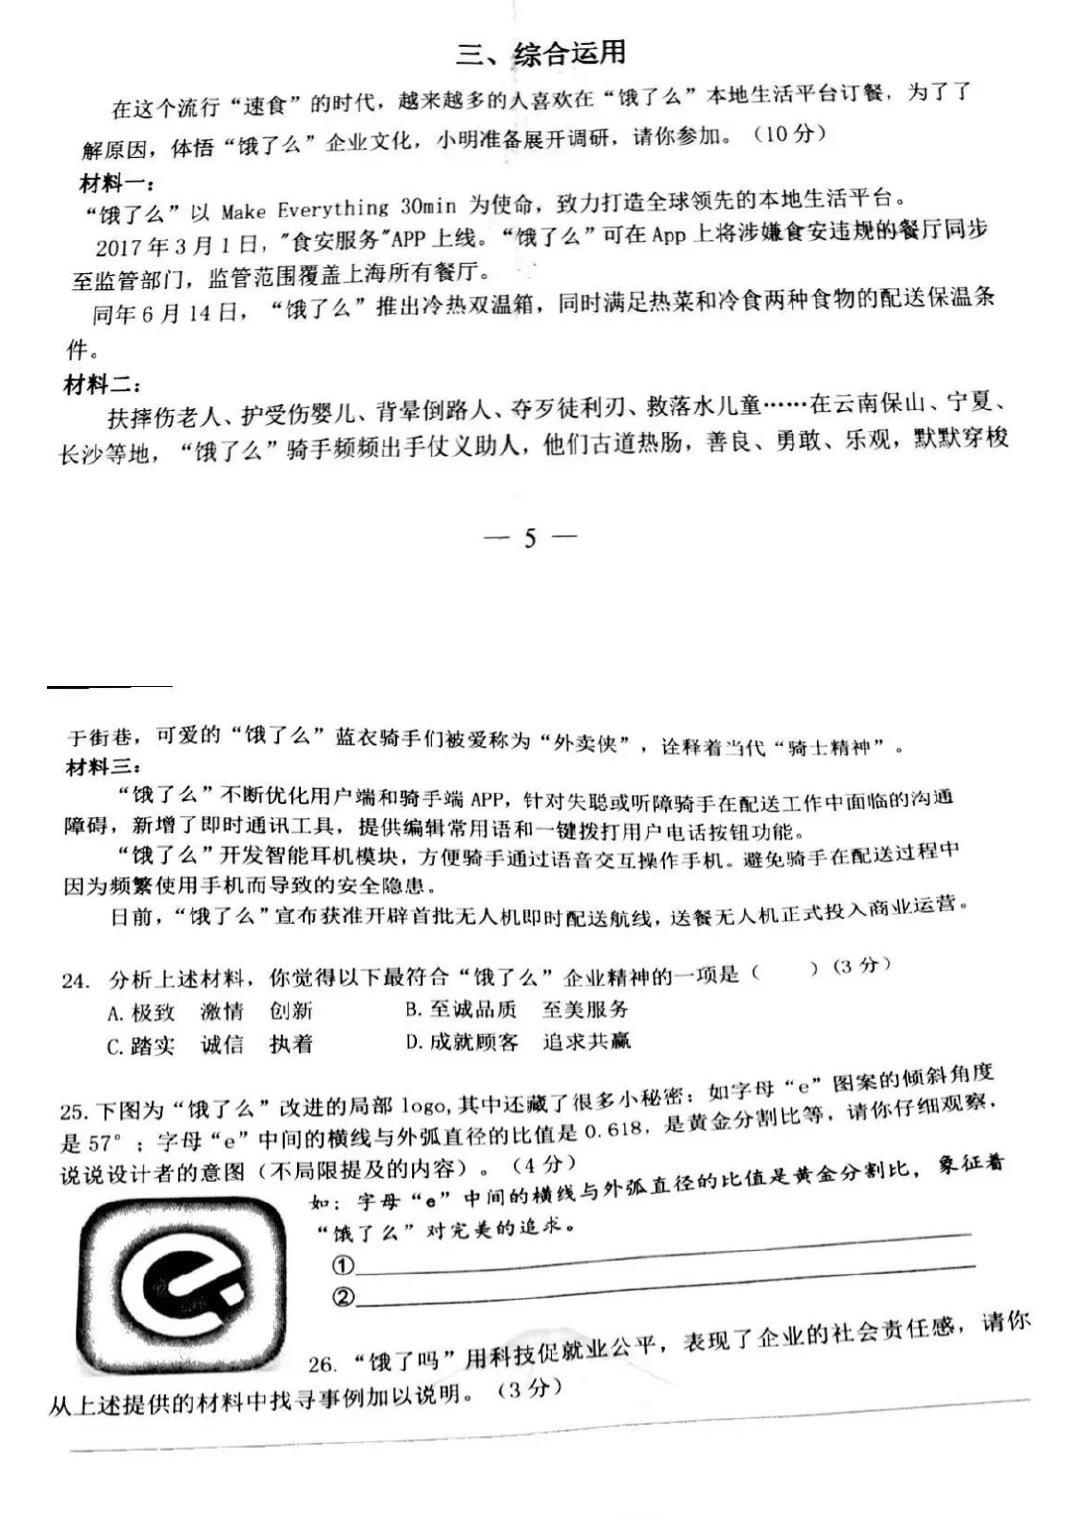 网传上海一考卷植入饿了么题目